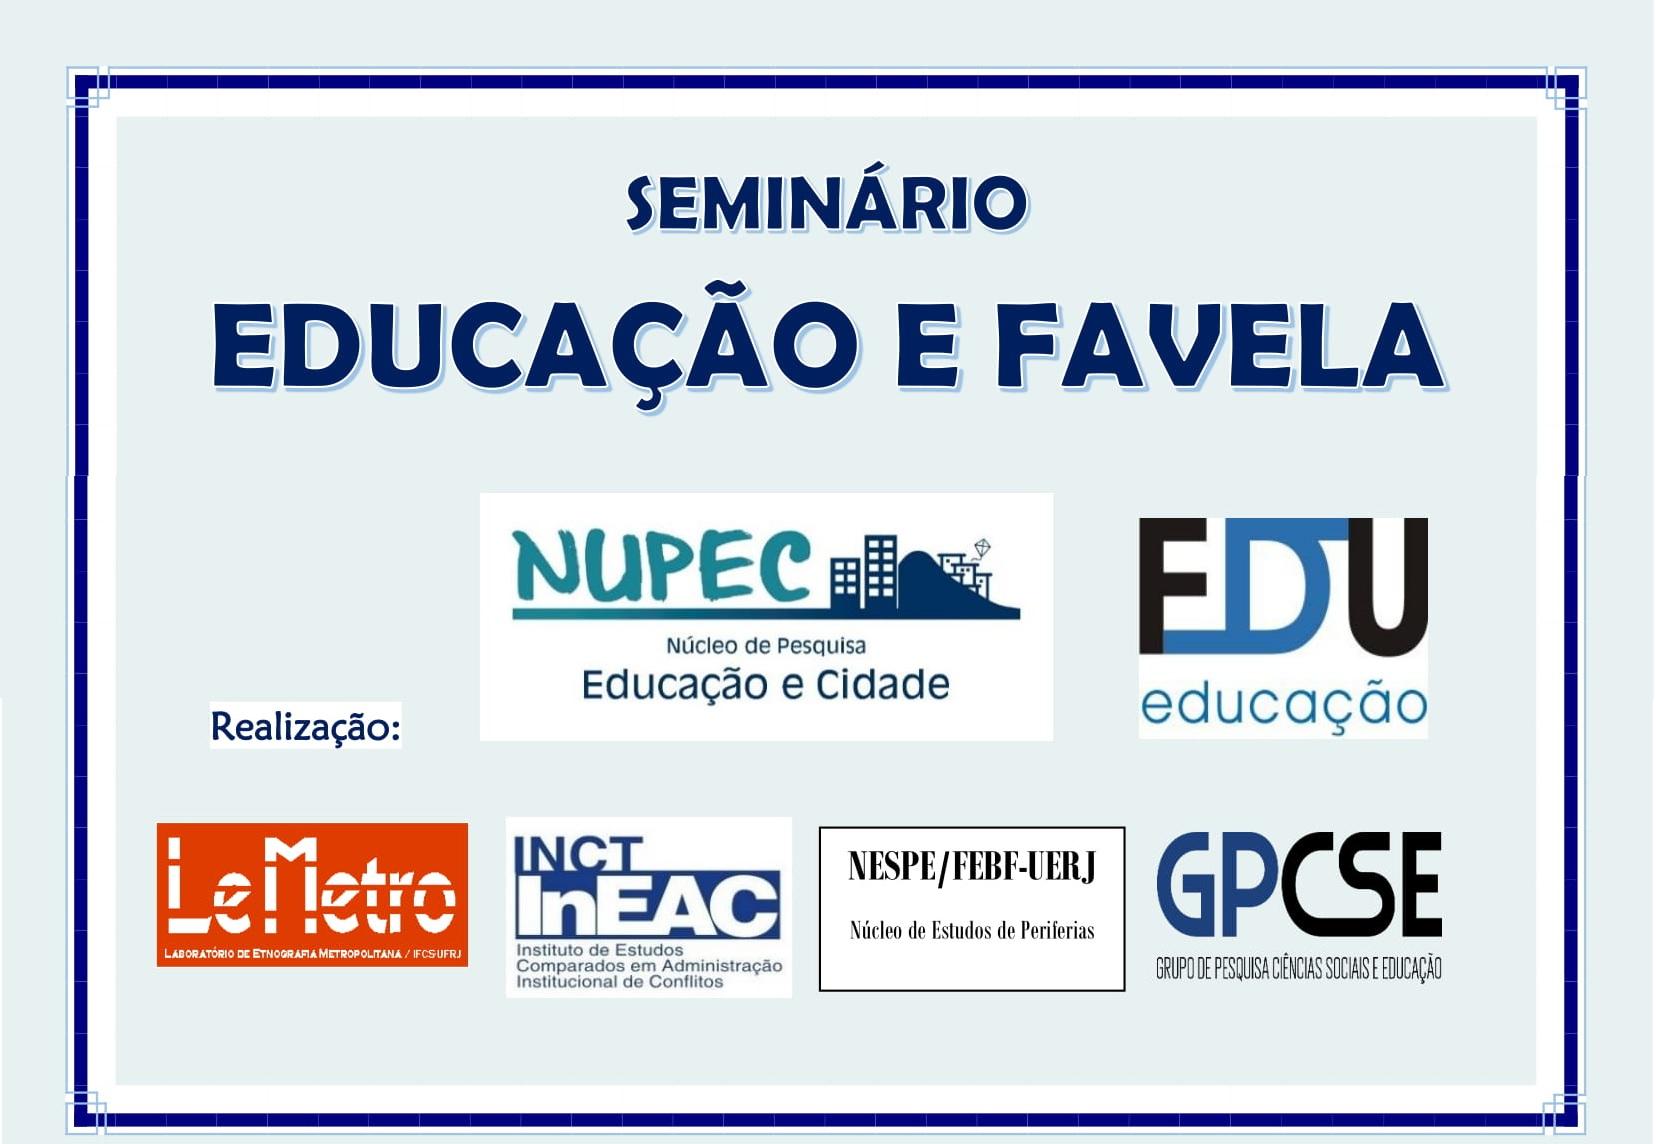 Educação e Favela em debate: início das atividades do Núcleo de Pesquisa Educação e Cidade (NUPEC) da UERJ